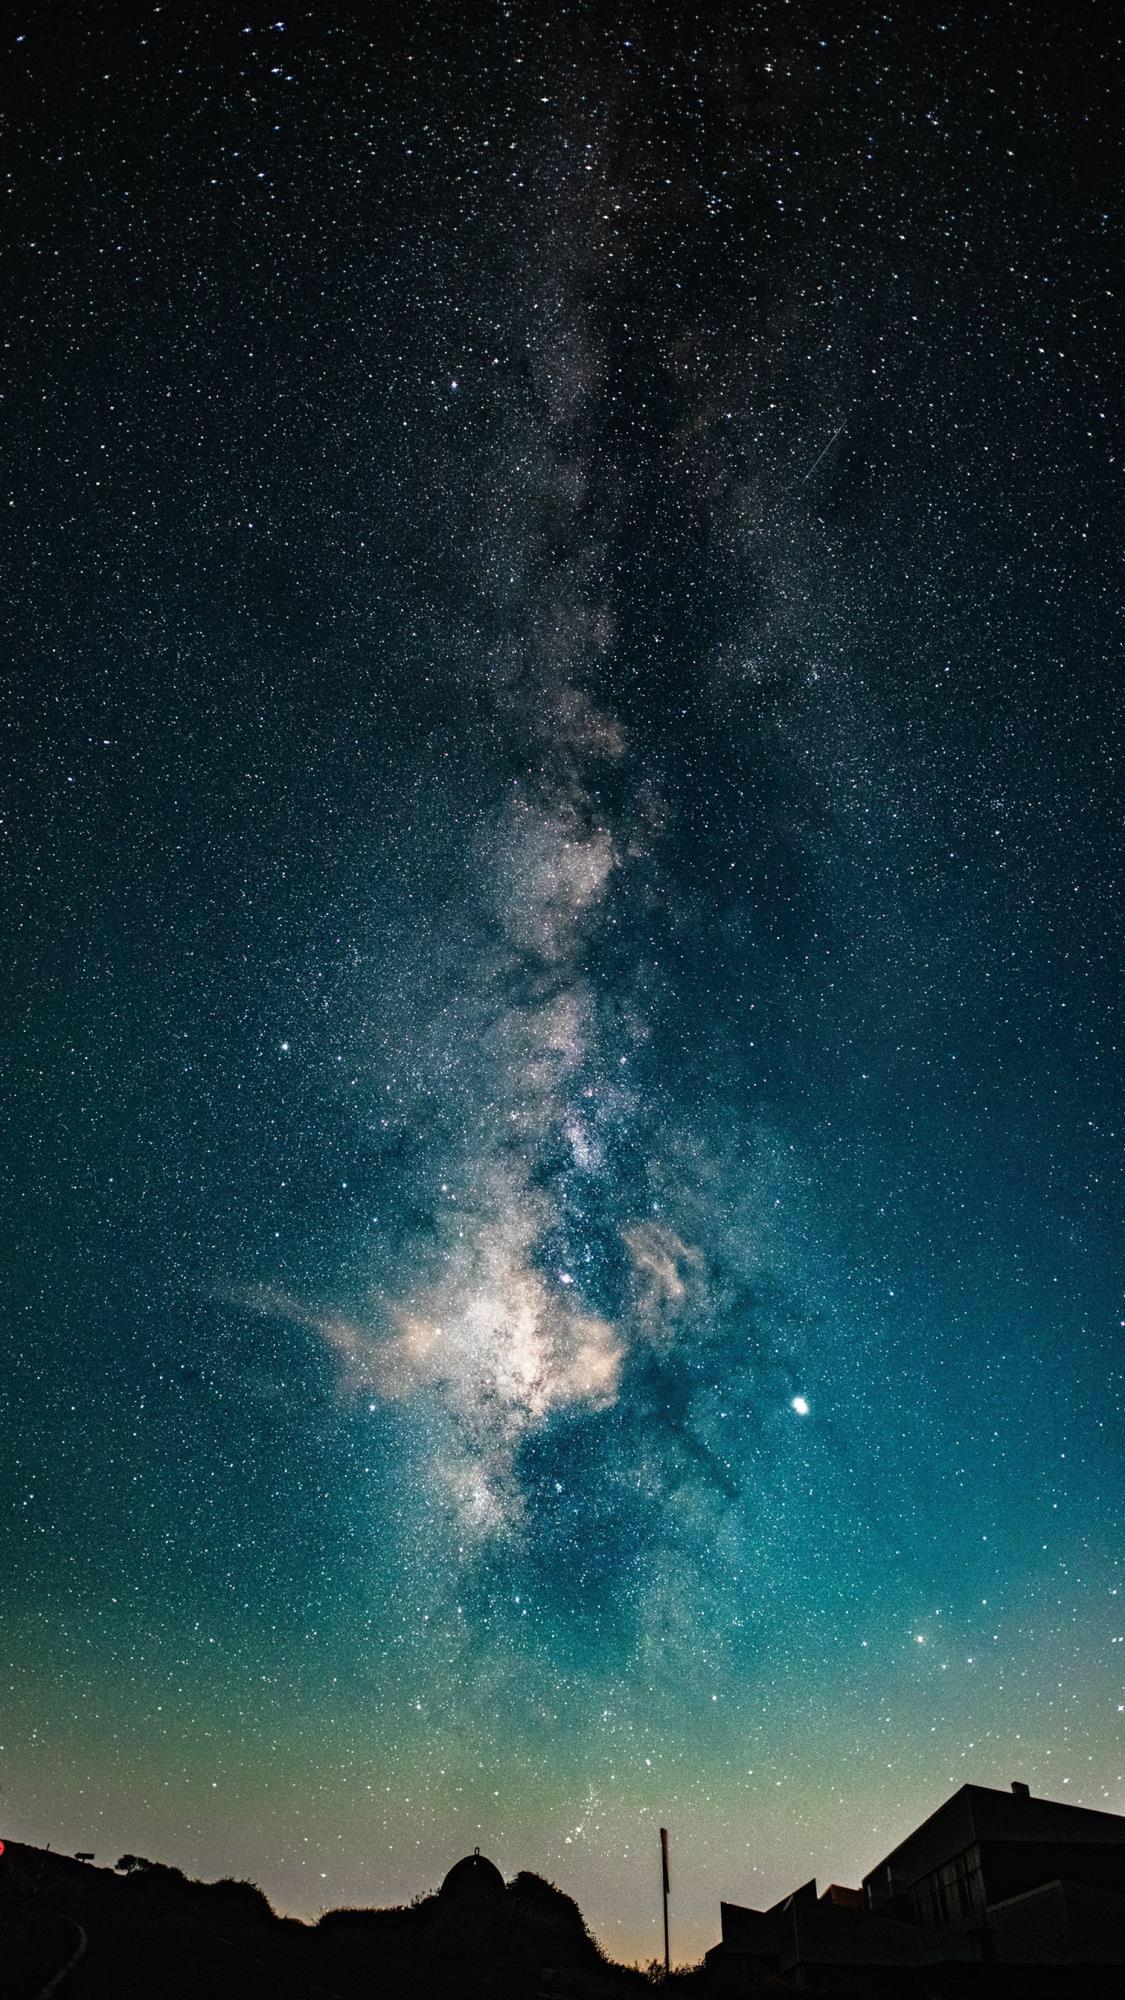 星空图片美到窒息的星空壁纸,夜晚那么美,你